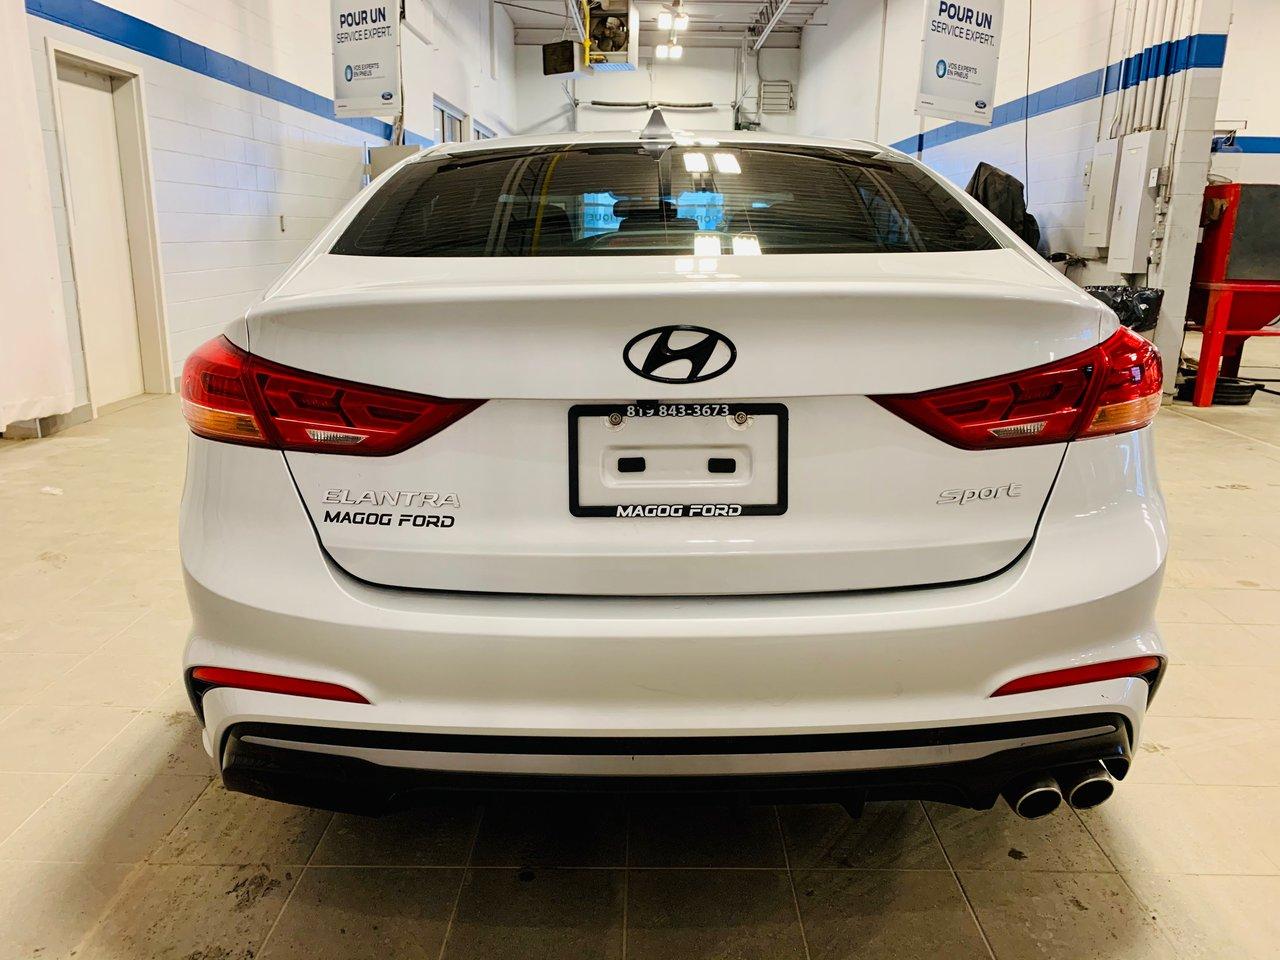 2018 Hyundai Elantra Turbo / JAMAIS ACCIDENTEE